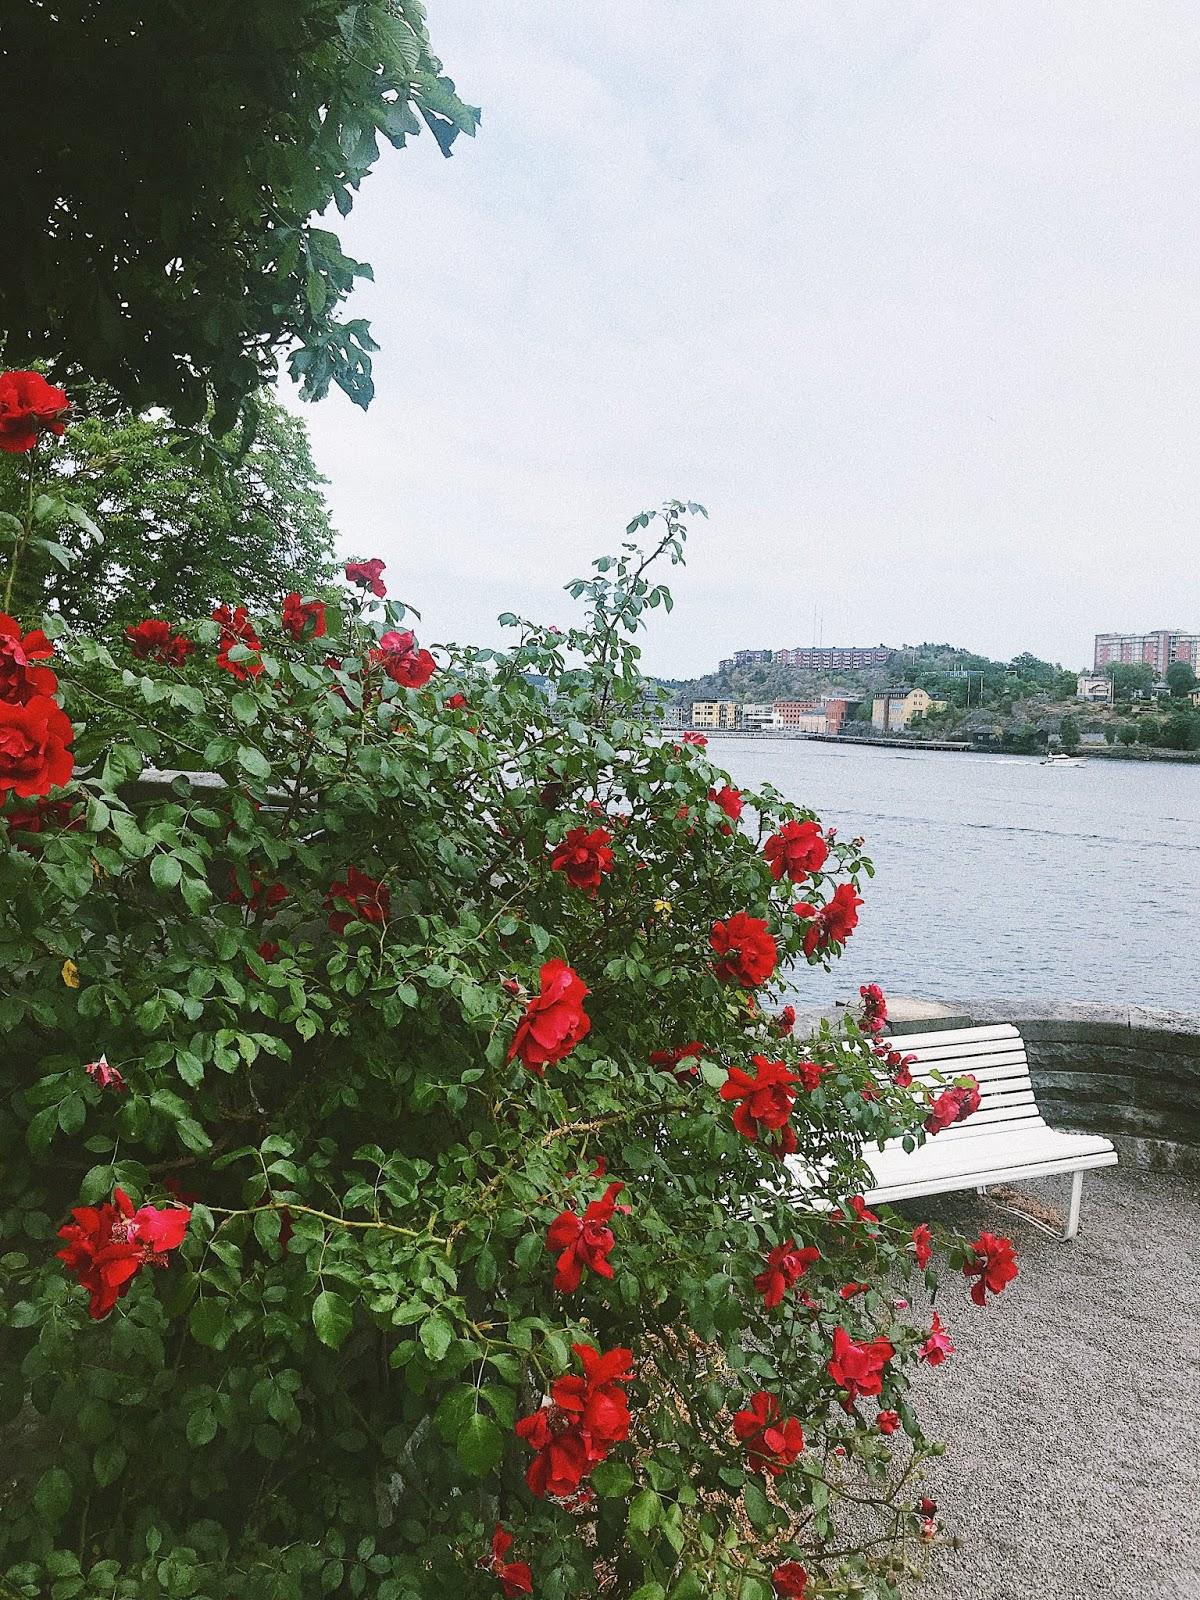 Фото 17.06.2018, 15 43 34.jpg